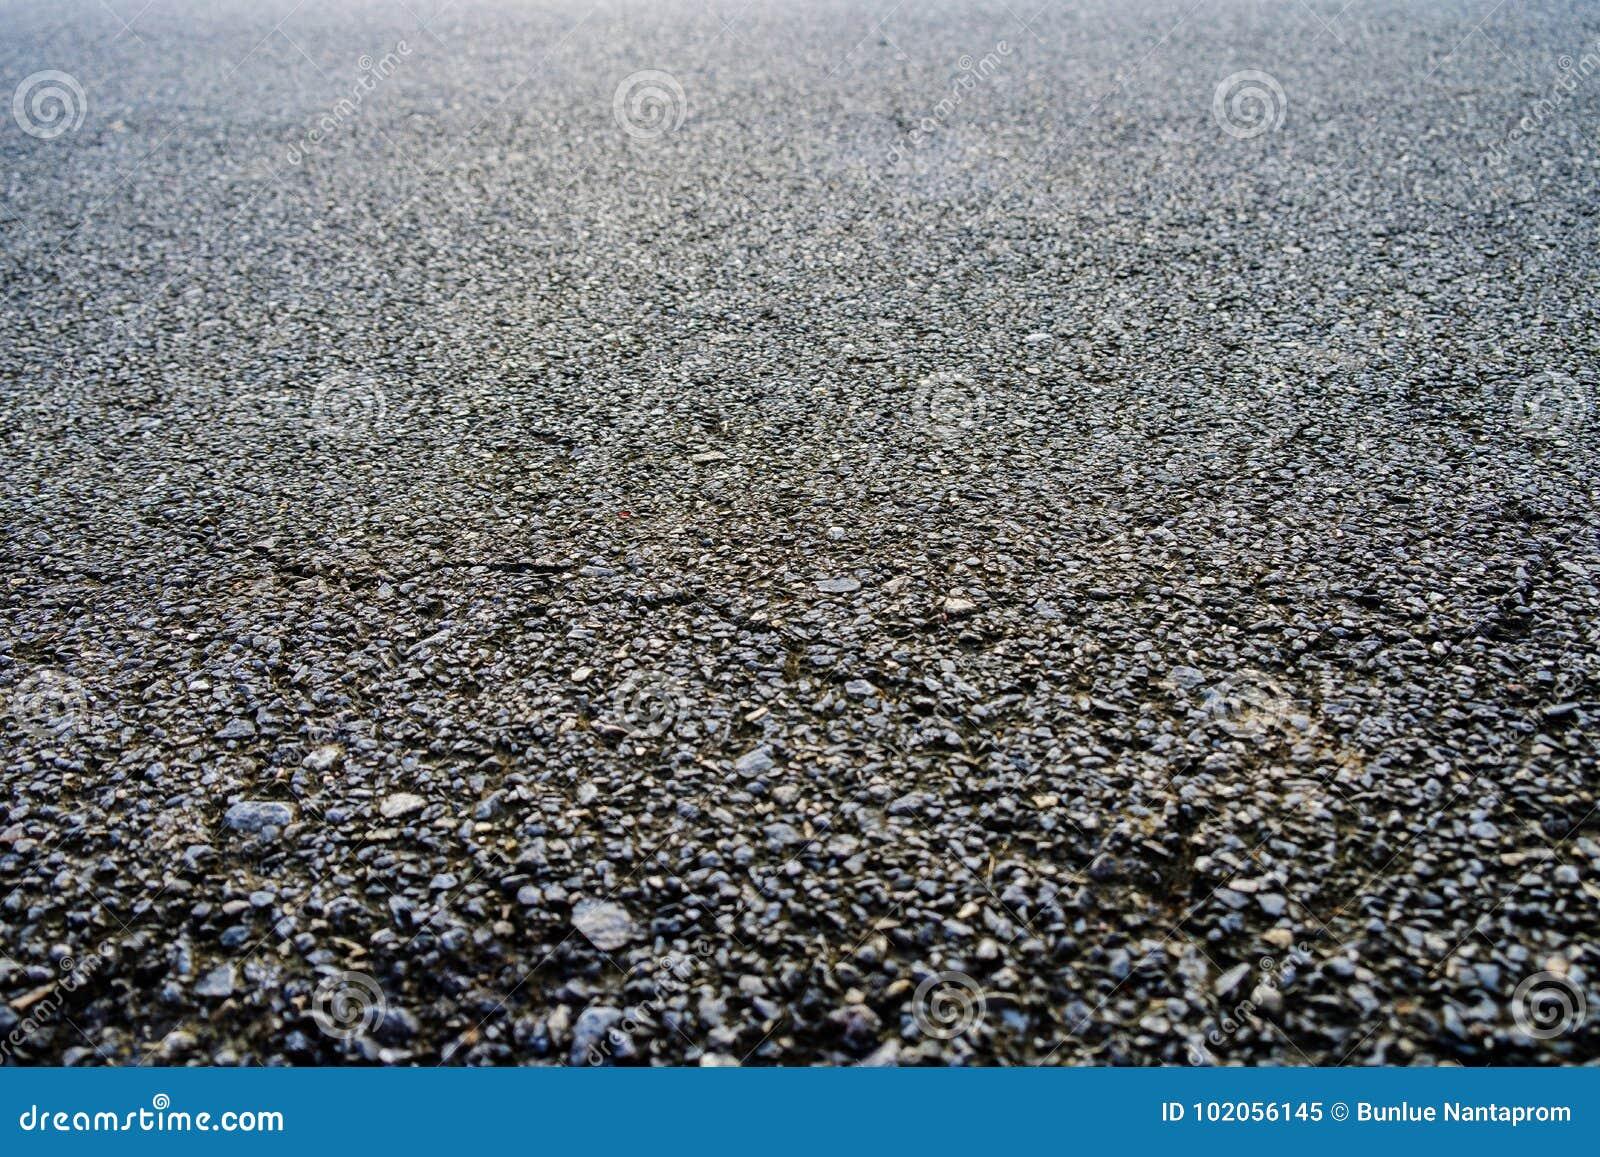 Черная текстура асфальта структура штата квадрата дороги образования асфальта детальная каменное backg текстуры асфальта